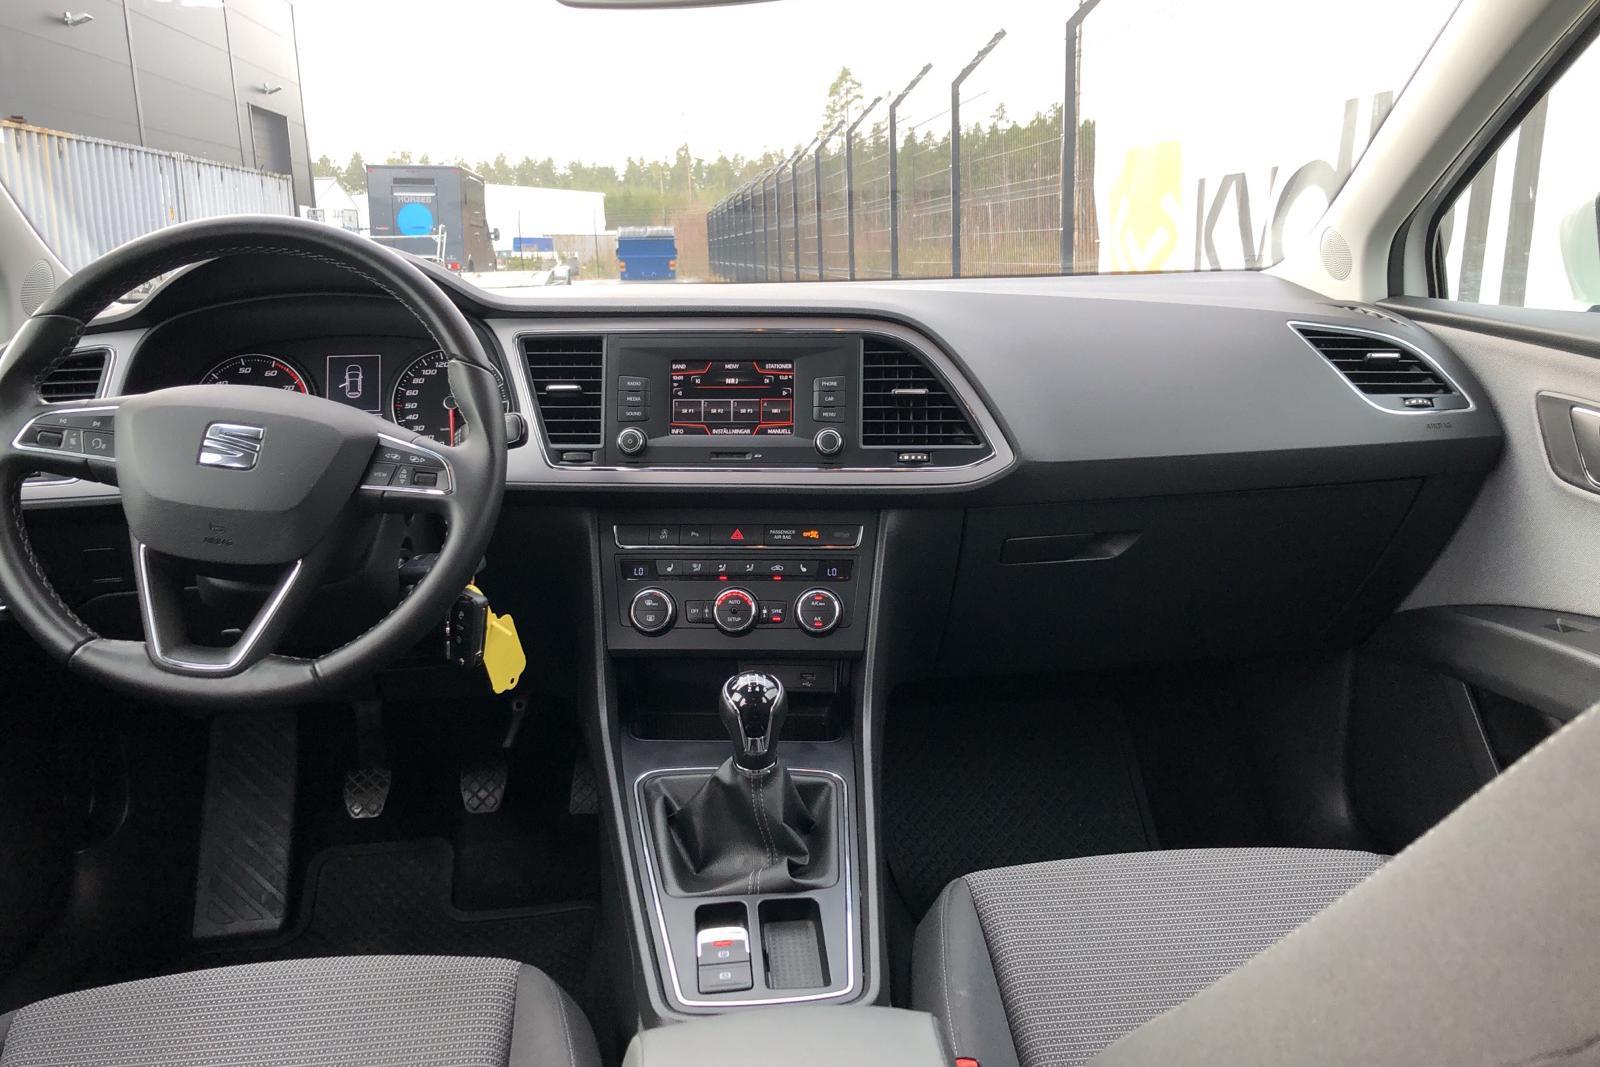 Seat Leon 1.2 TSI 5dr (110hk) - 26 300 km - Manual - white - 2018